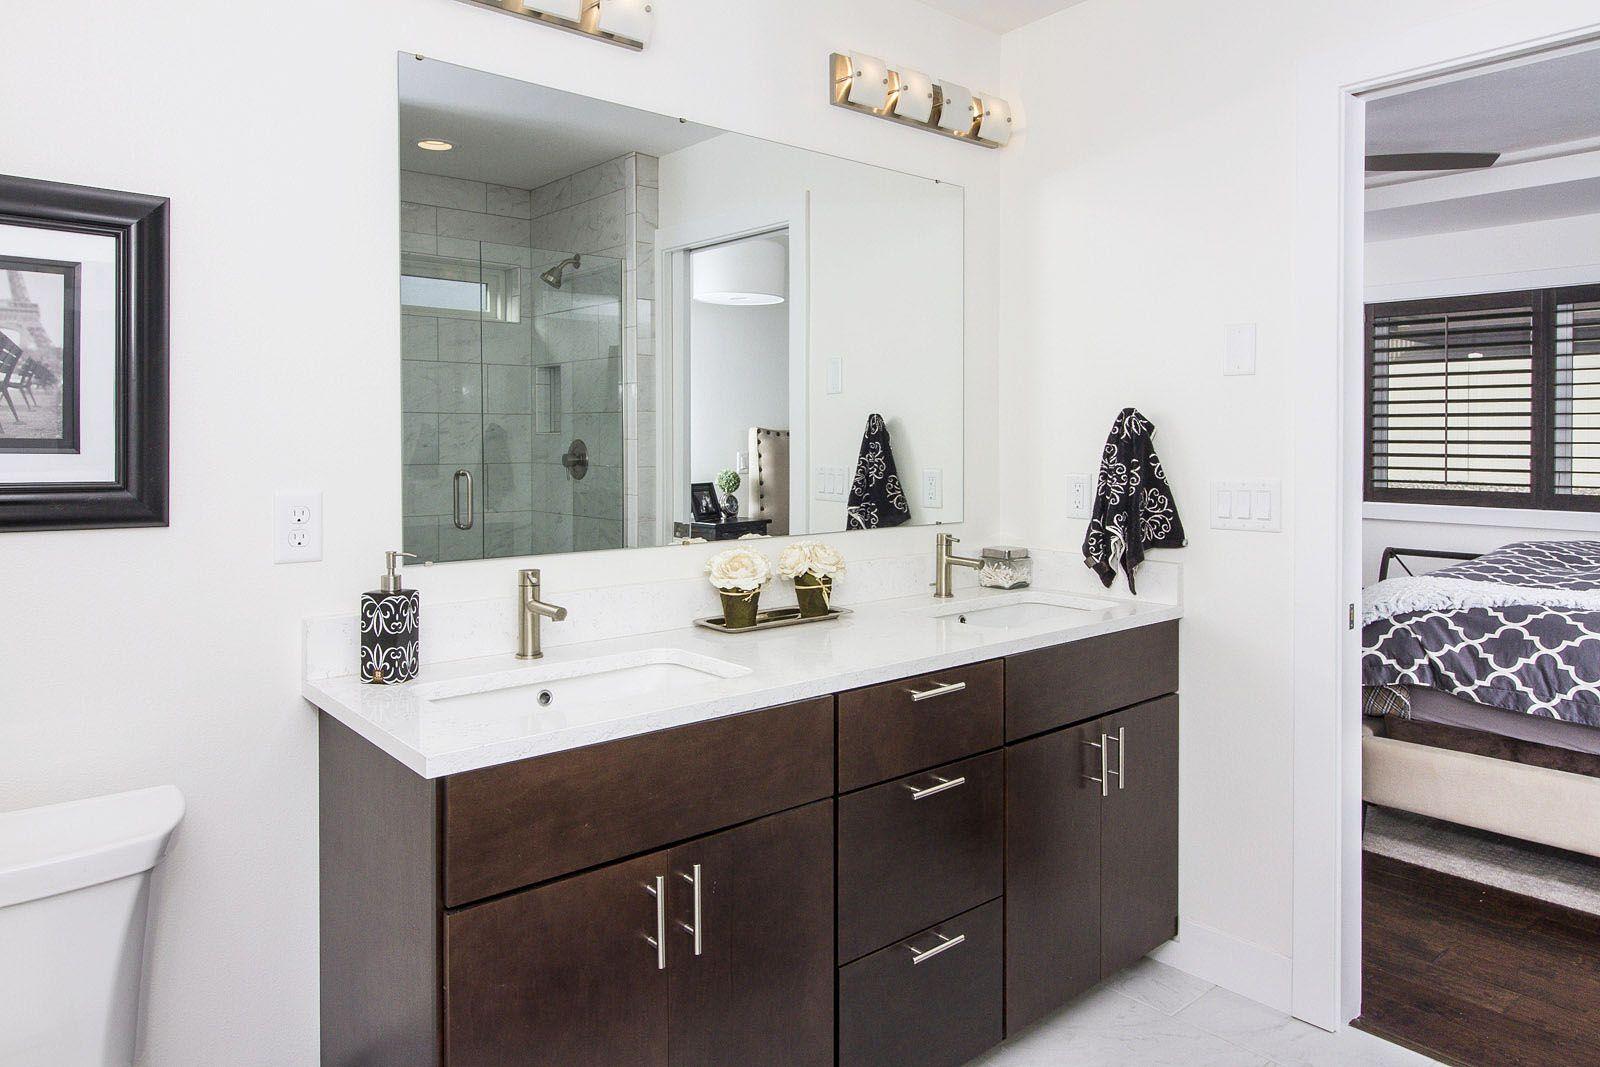 Kitchen Tune Up Billings Mt Bathroom Remodel In 2020 Bathrooms Remodel Full Bathroom Remodel New Cabinet Doors